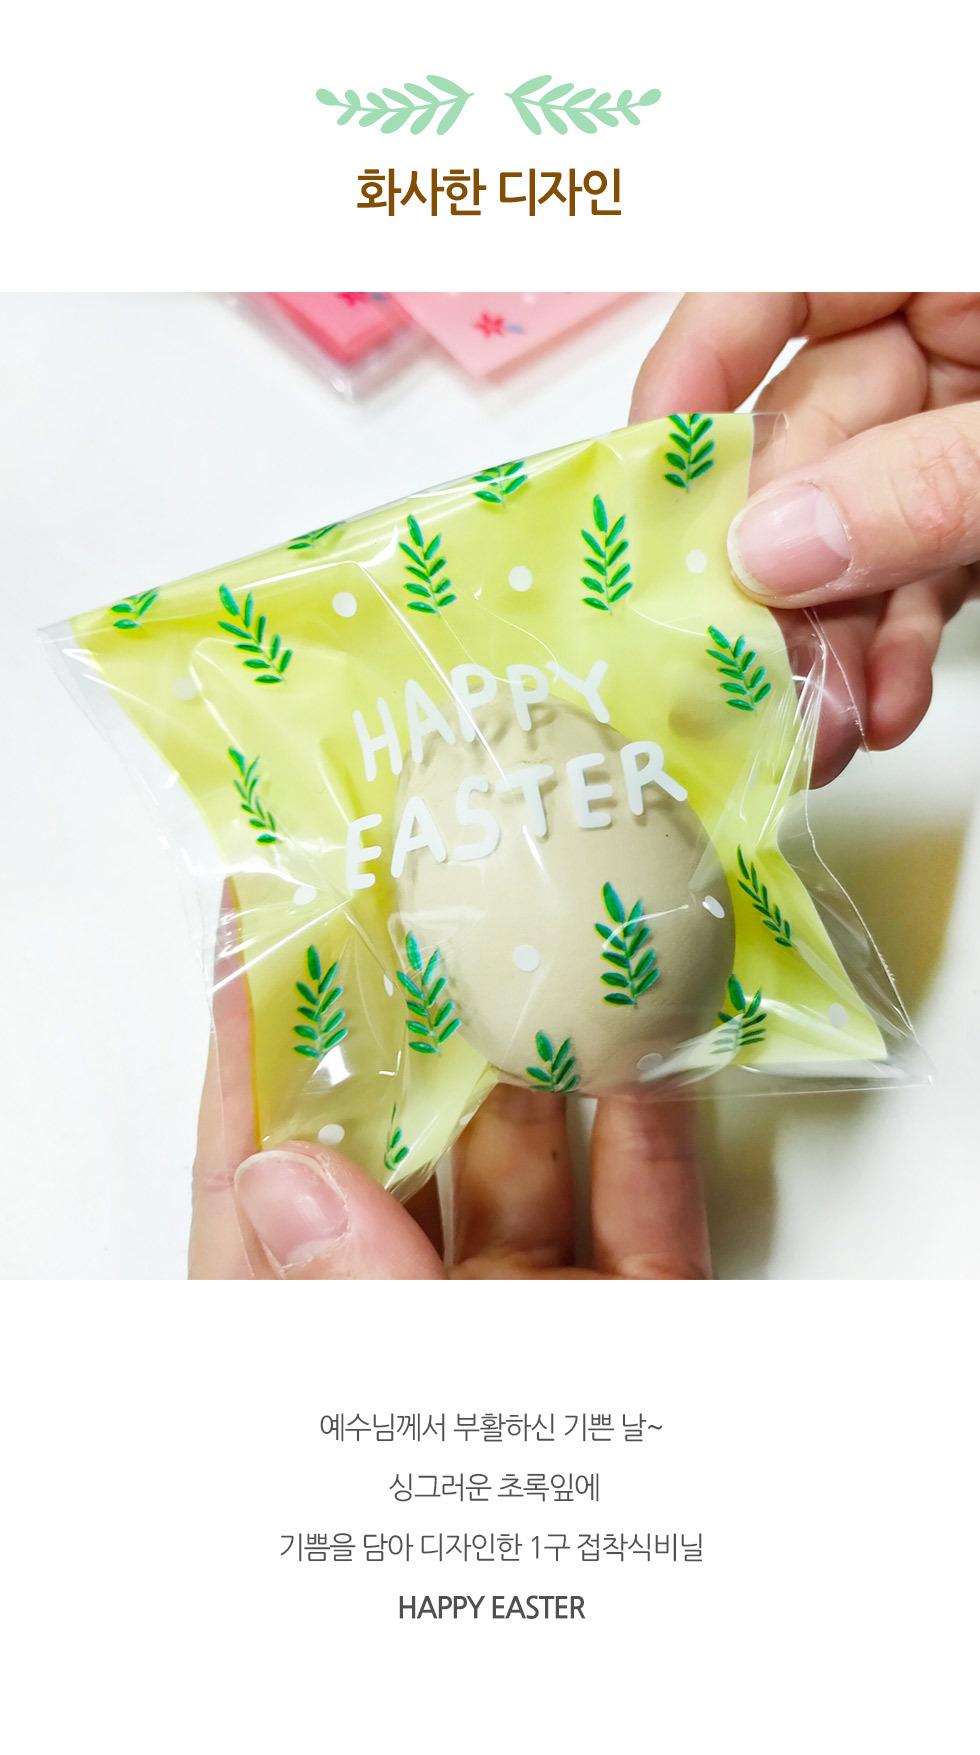 부활절 계란 1구 접착식비닐 - 해피이스터 & 예수부활하셨네 화사한 디자인